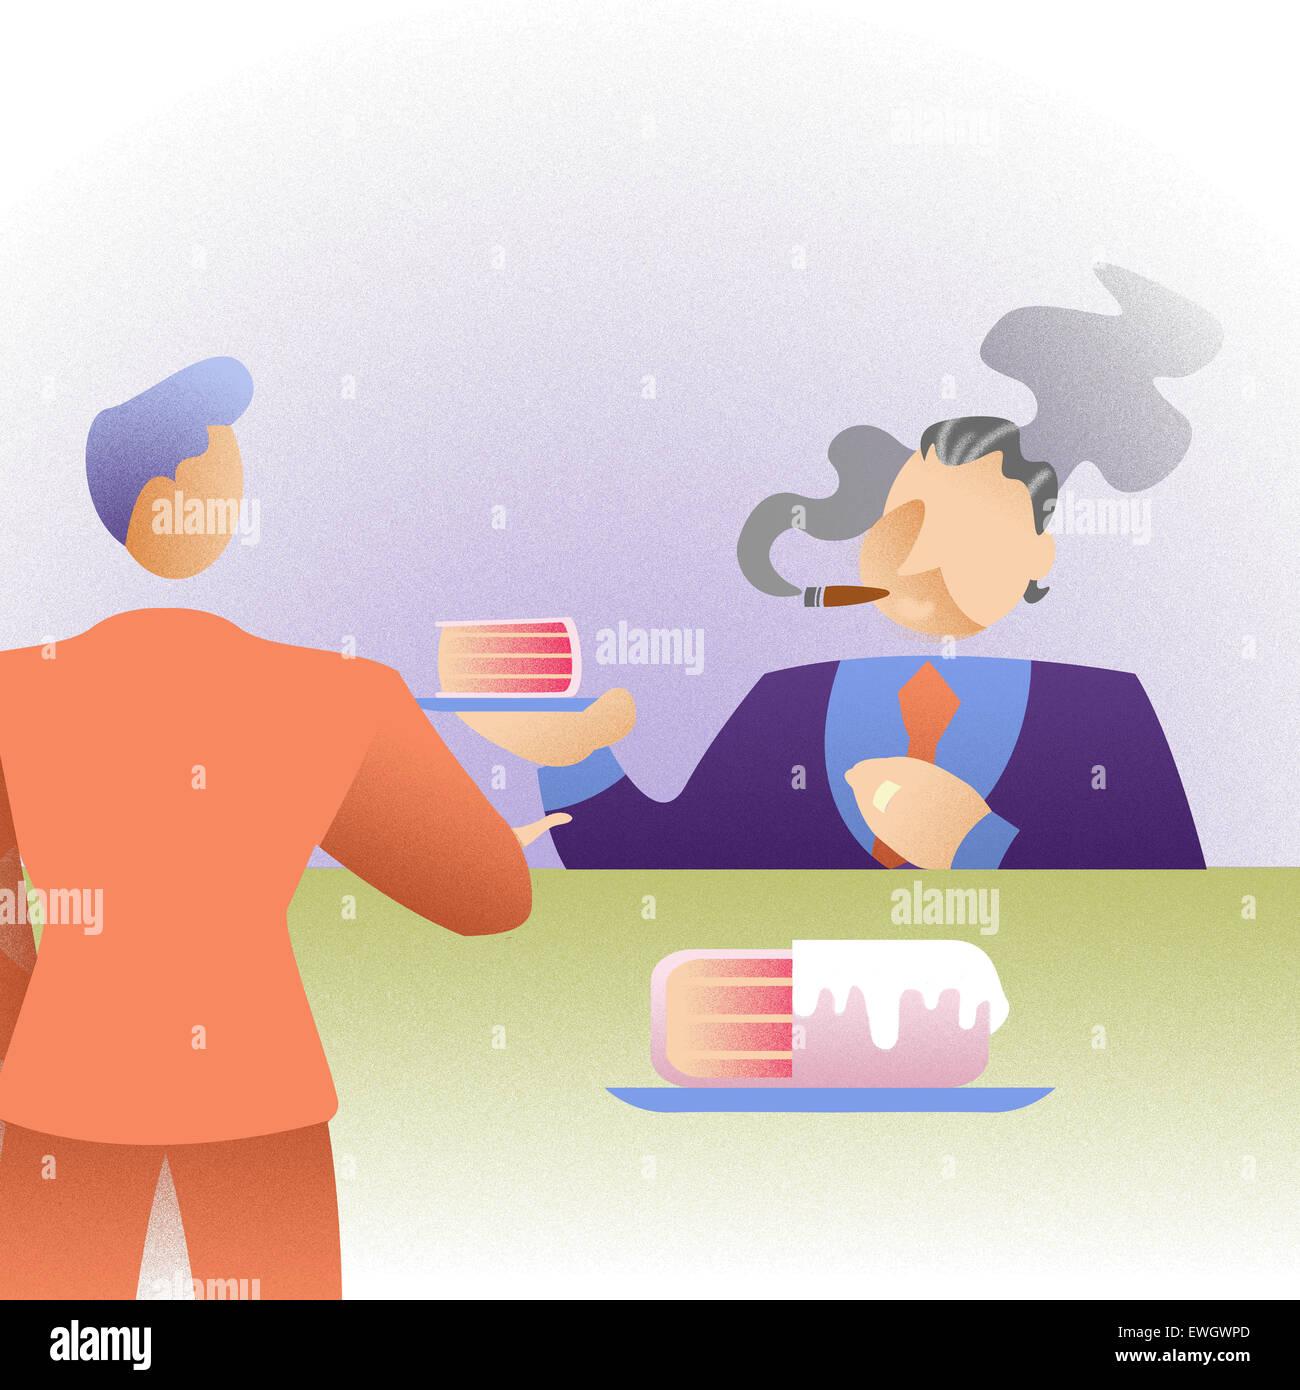 Patron donnant tranche de gâteau à son employé en tant qu'incitatif Banque D'Images